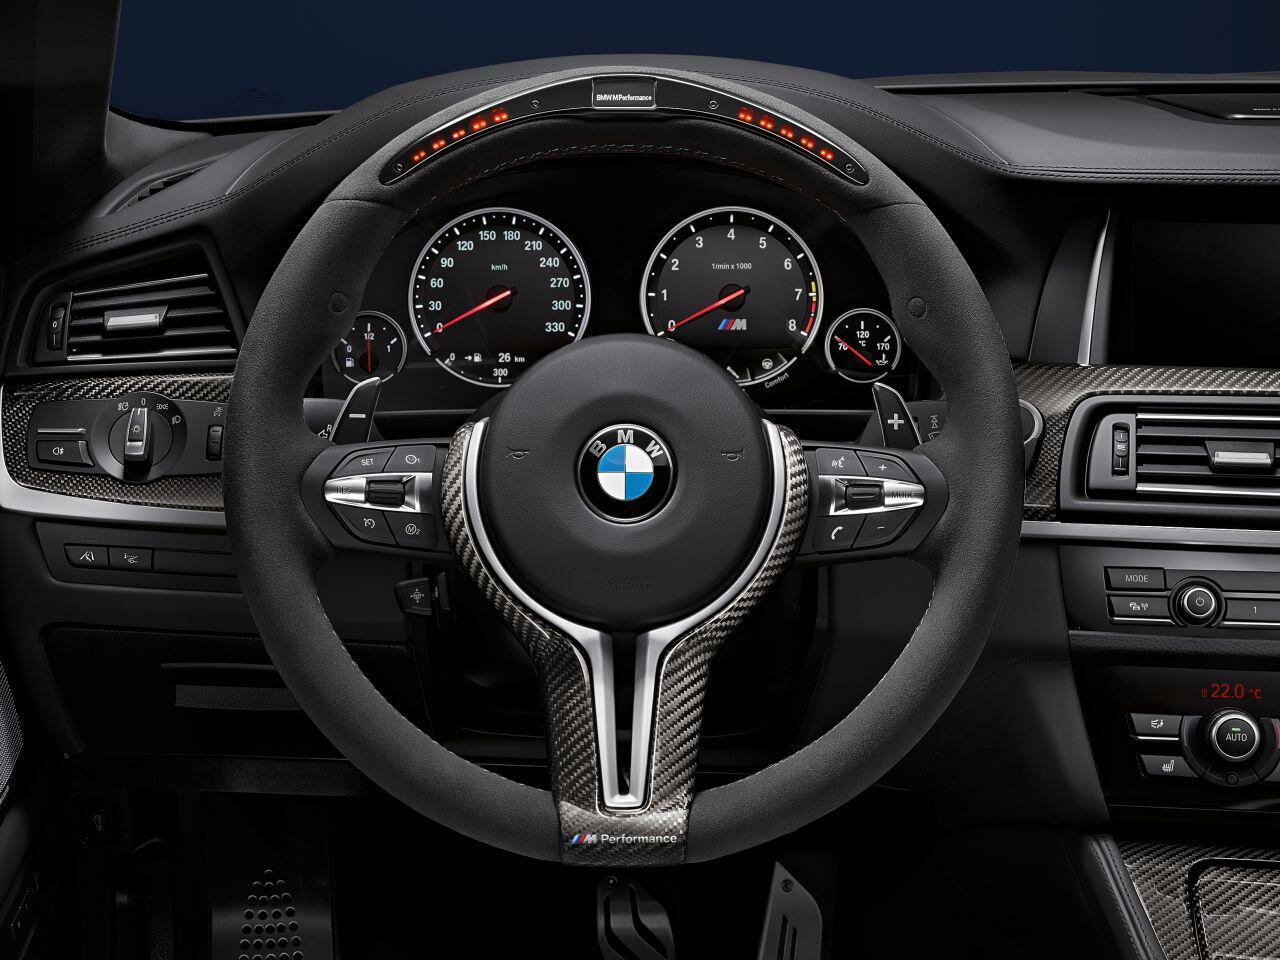 Bild zu Auch in puncto Fahrerlebnis: Das Lenkrad vermittelt Rennsport-Atmosphäre